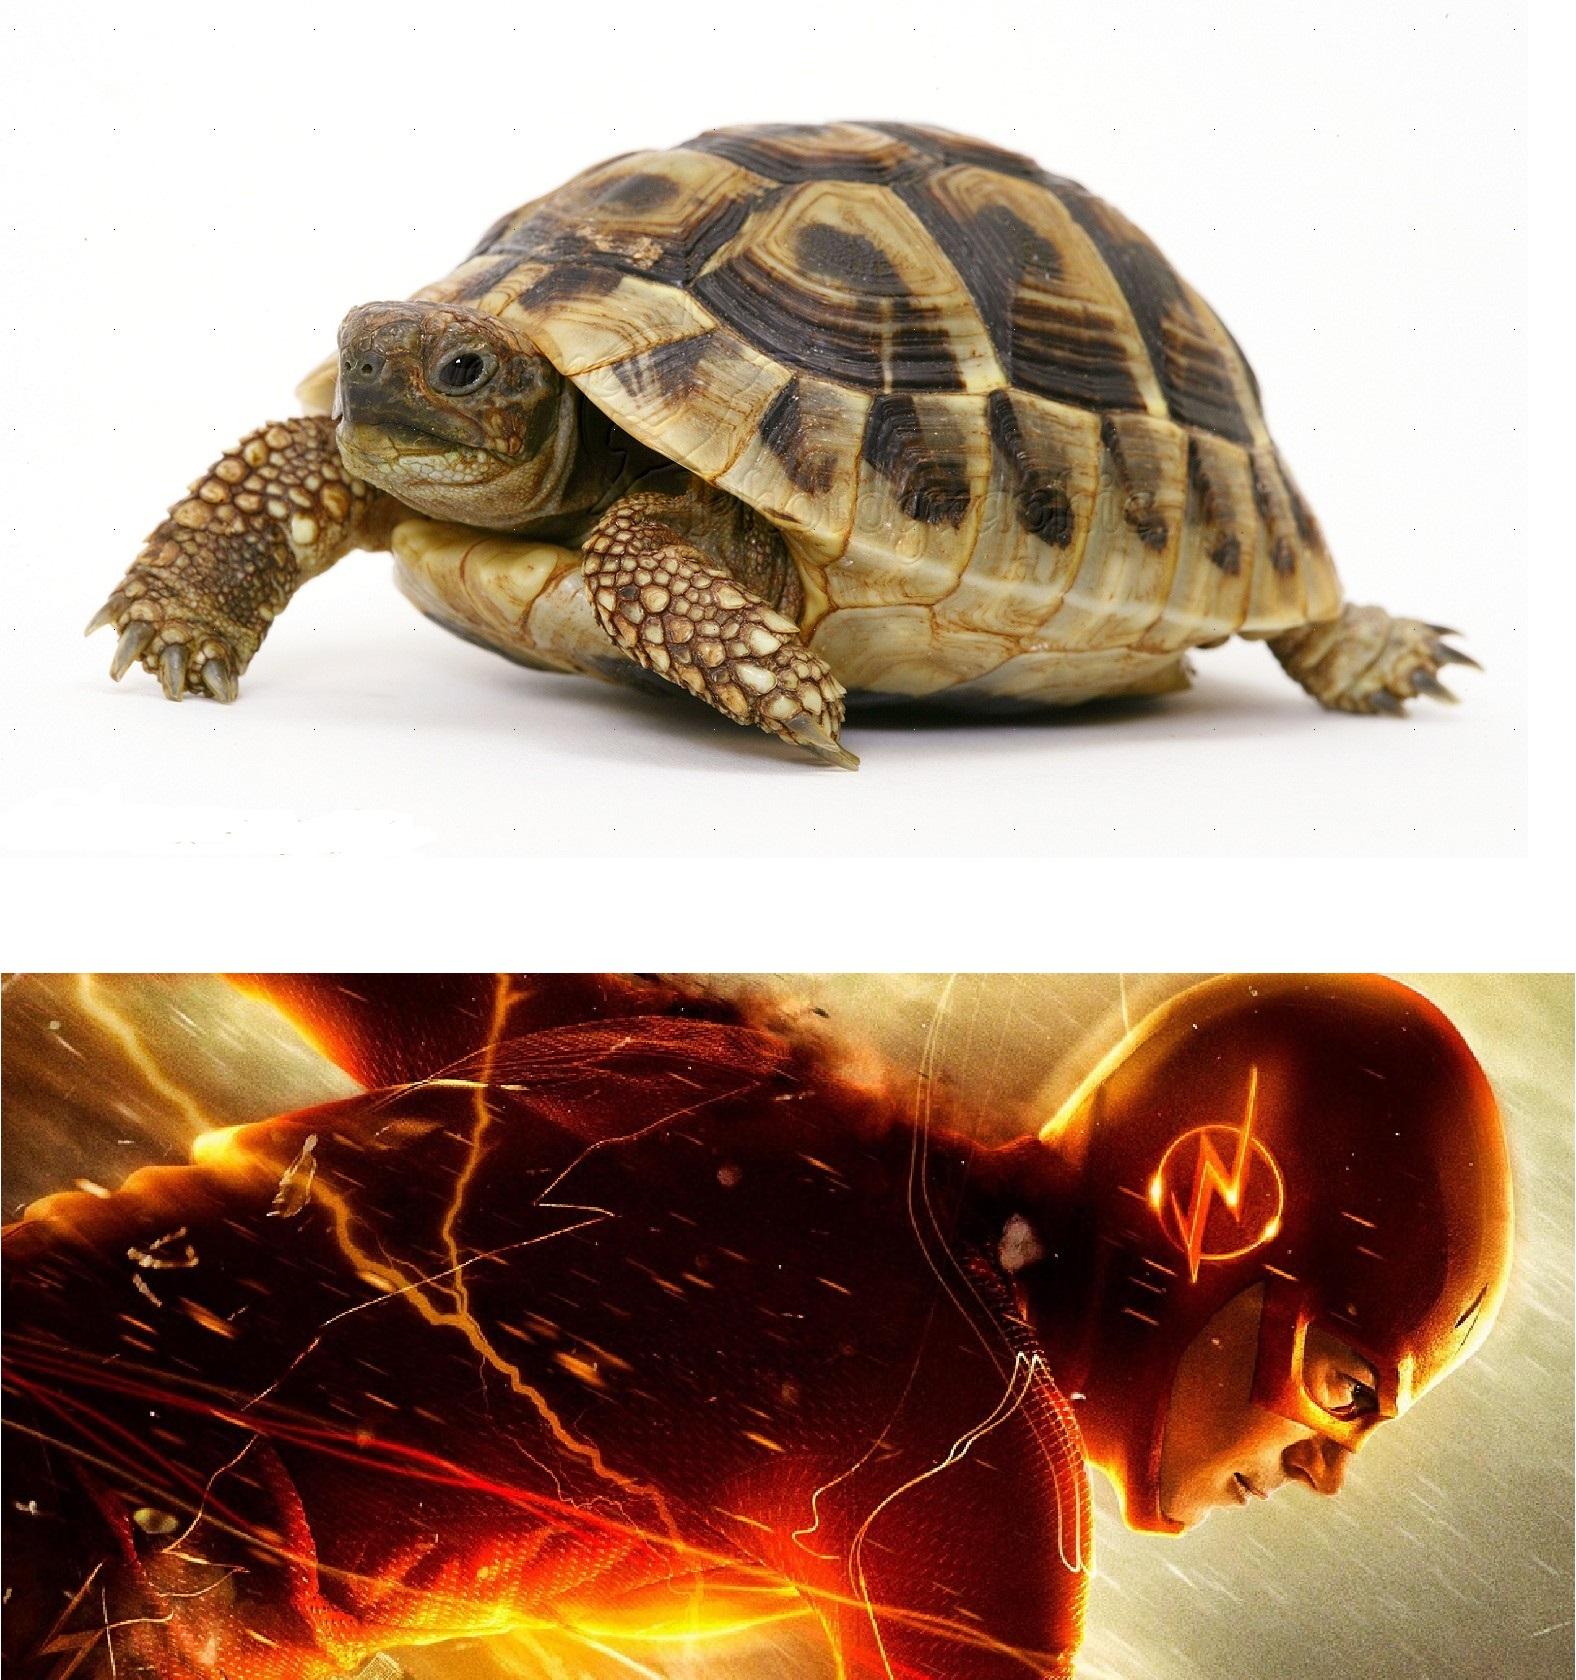 Slow Meme Templates